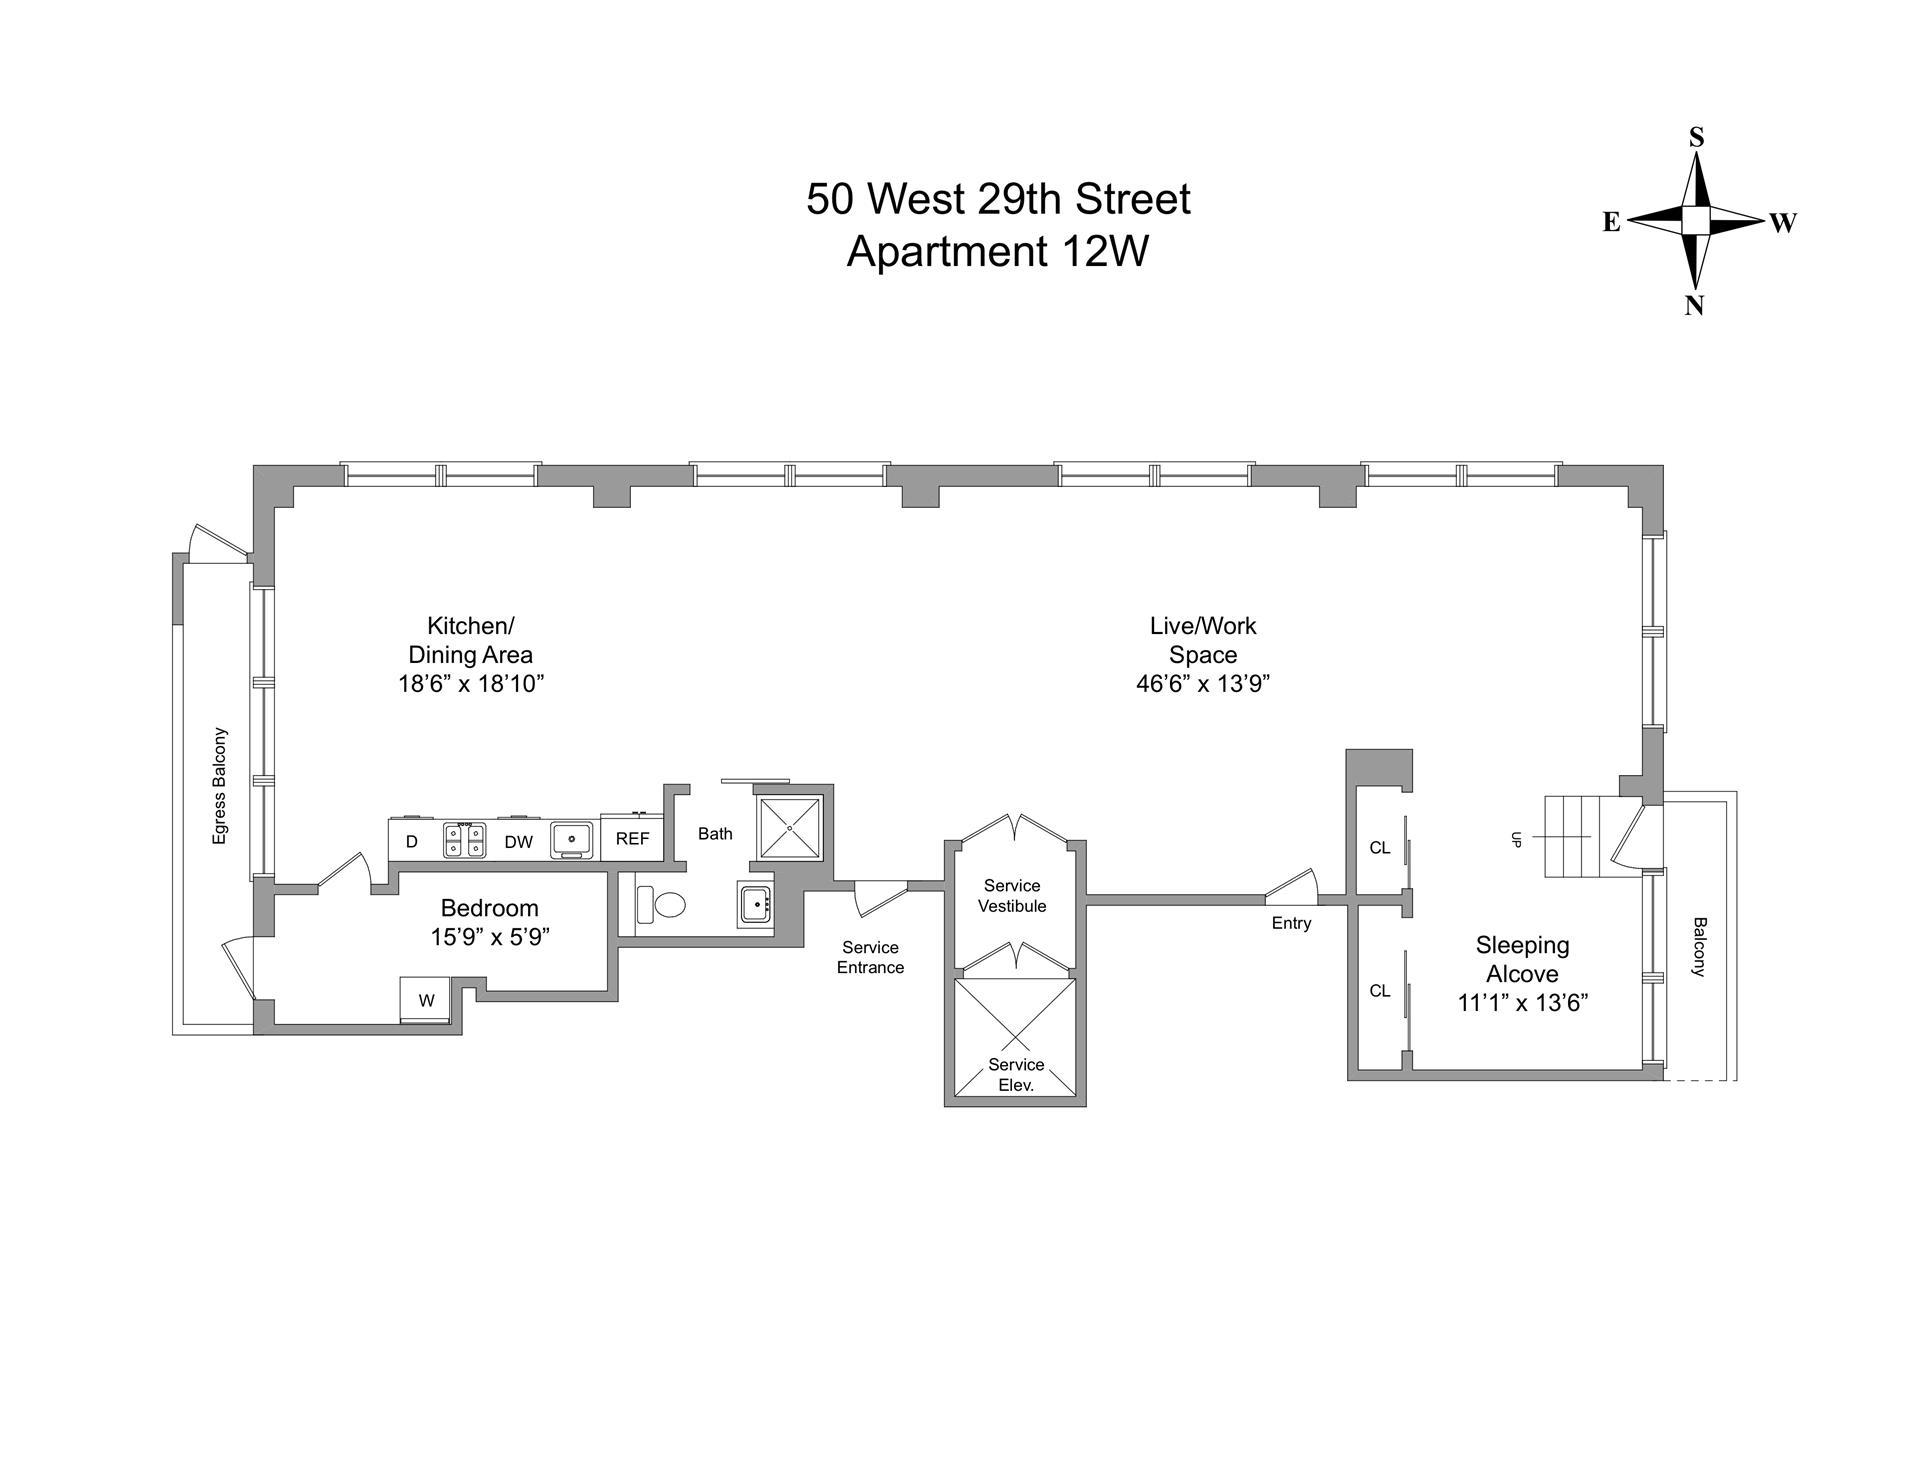 Floor plan of 50 West 29th St, 12W - Flatiron District, New York